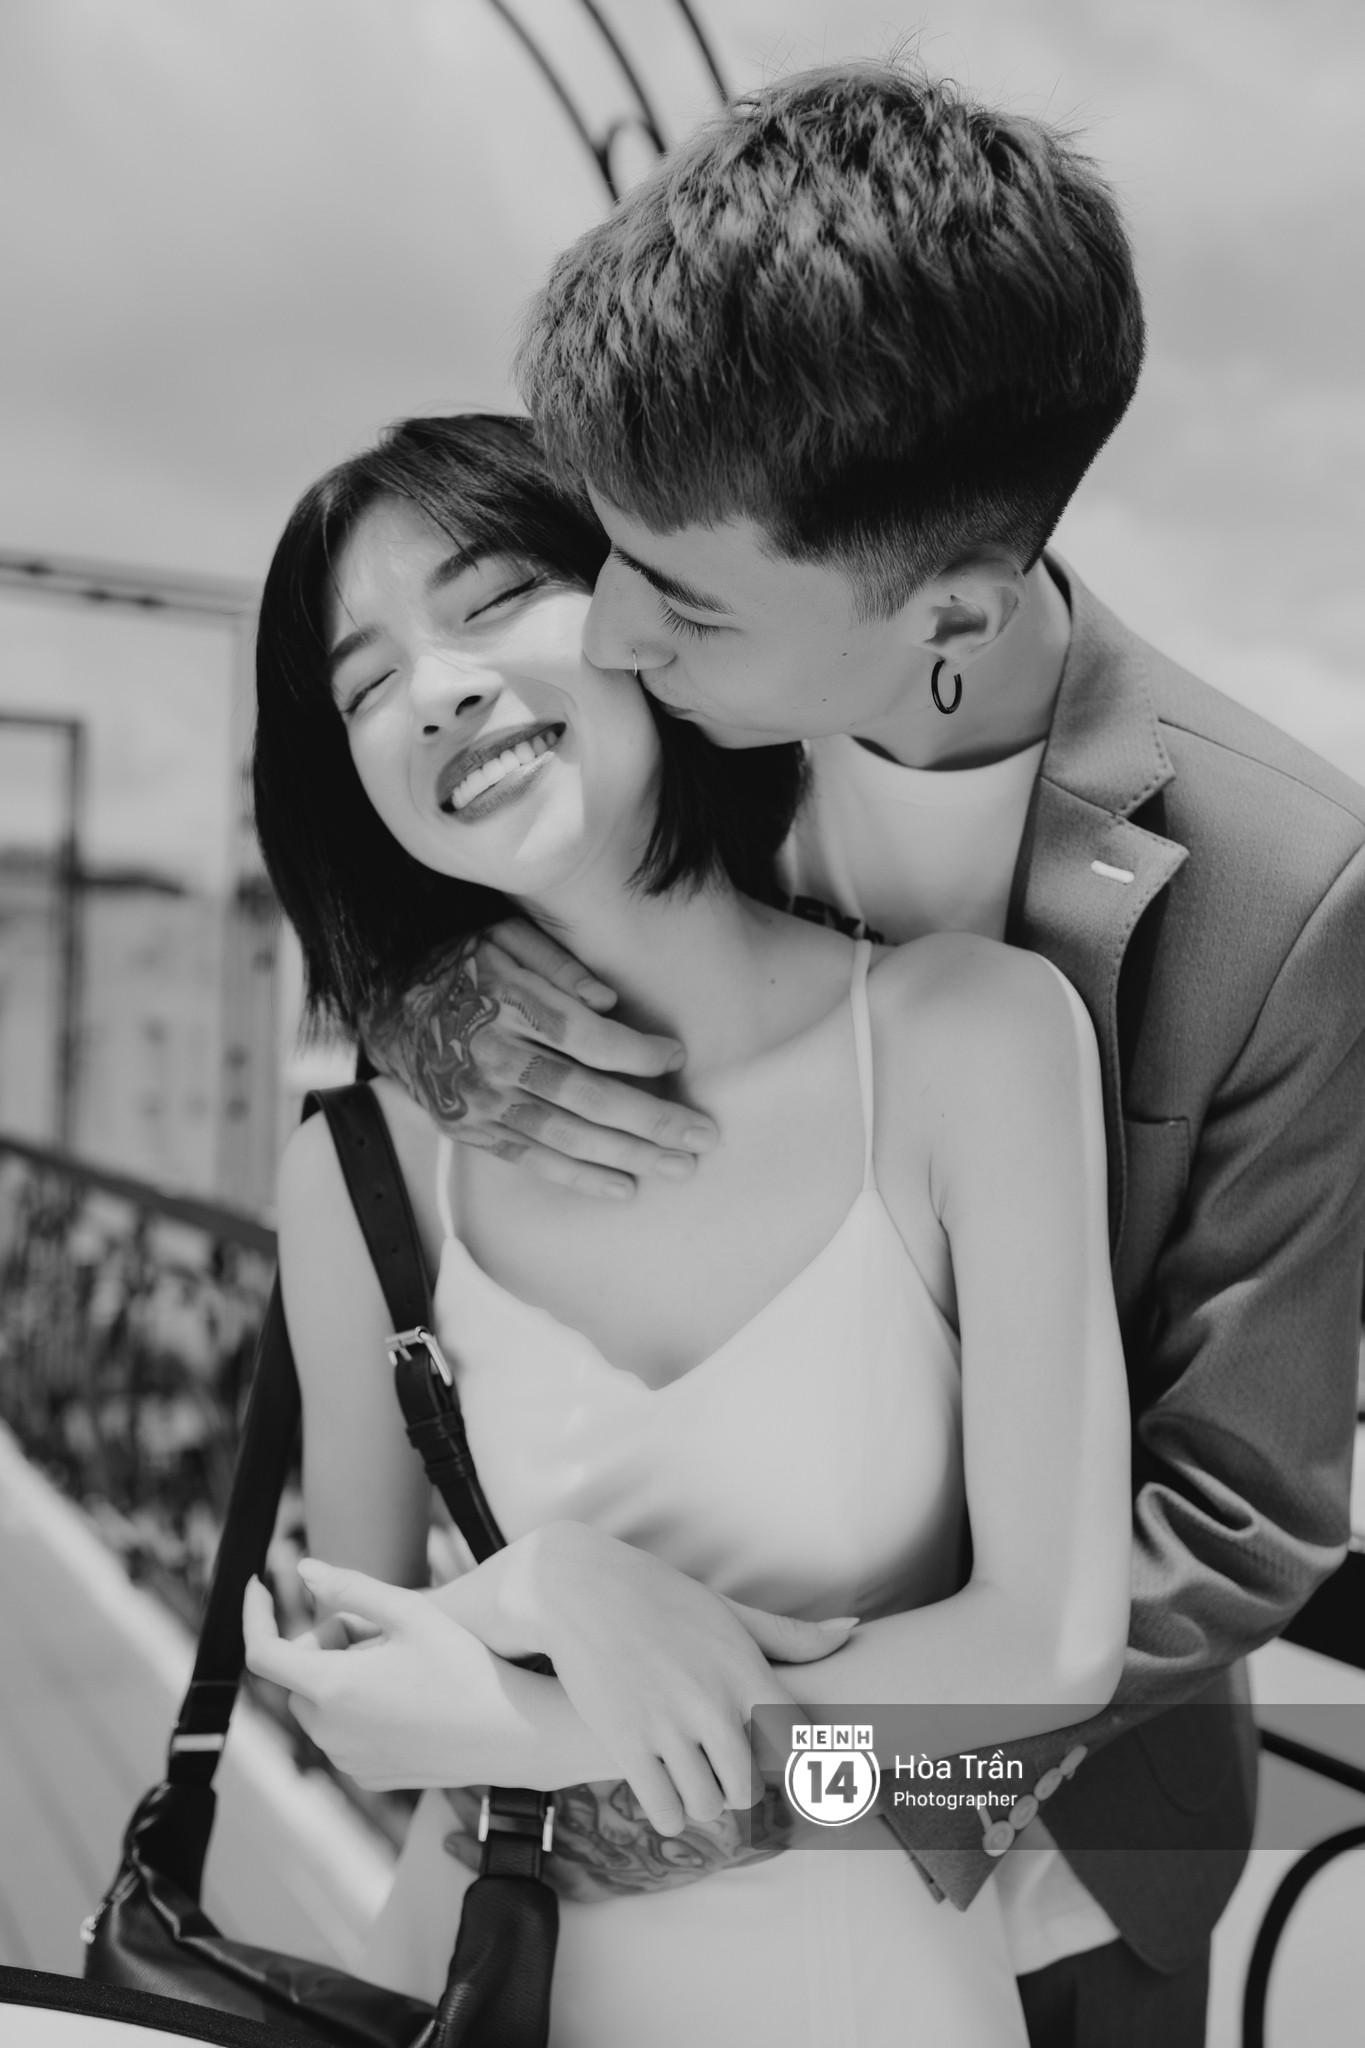 Couple hot boy lai tây và mẫu lookbook nổi tiếng Sài Thành: Chuyện tình chị - em kém 4 tuổi, yêu nhau nhờ thả haha trên Facebook - Ảnh 3.